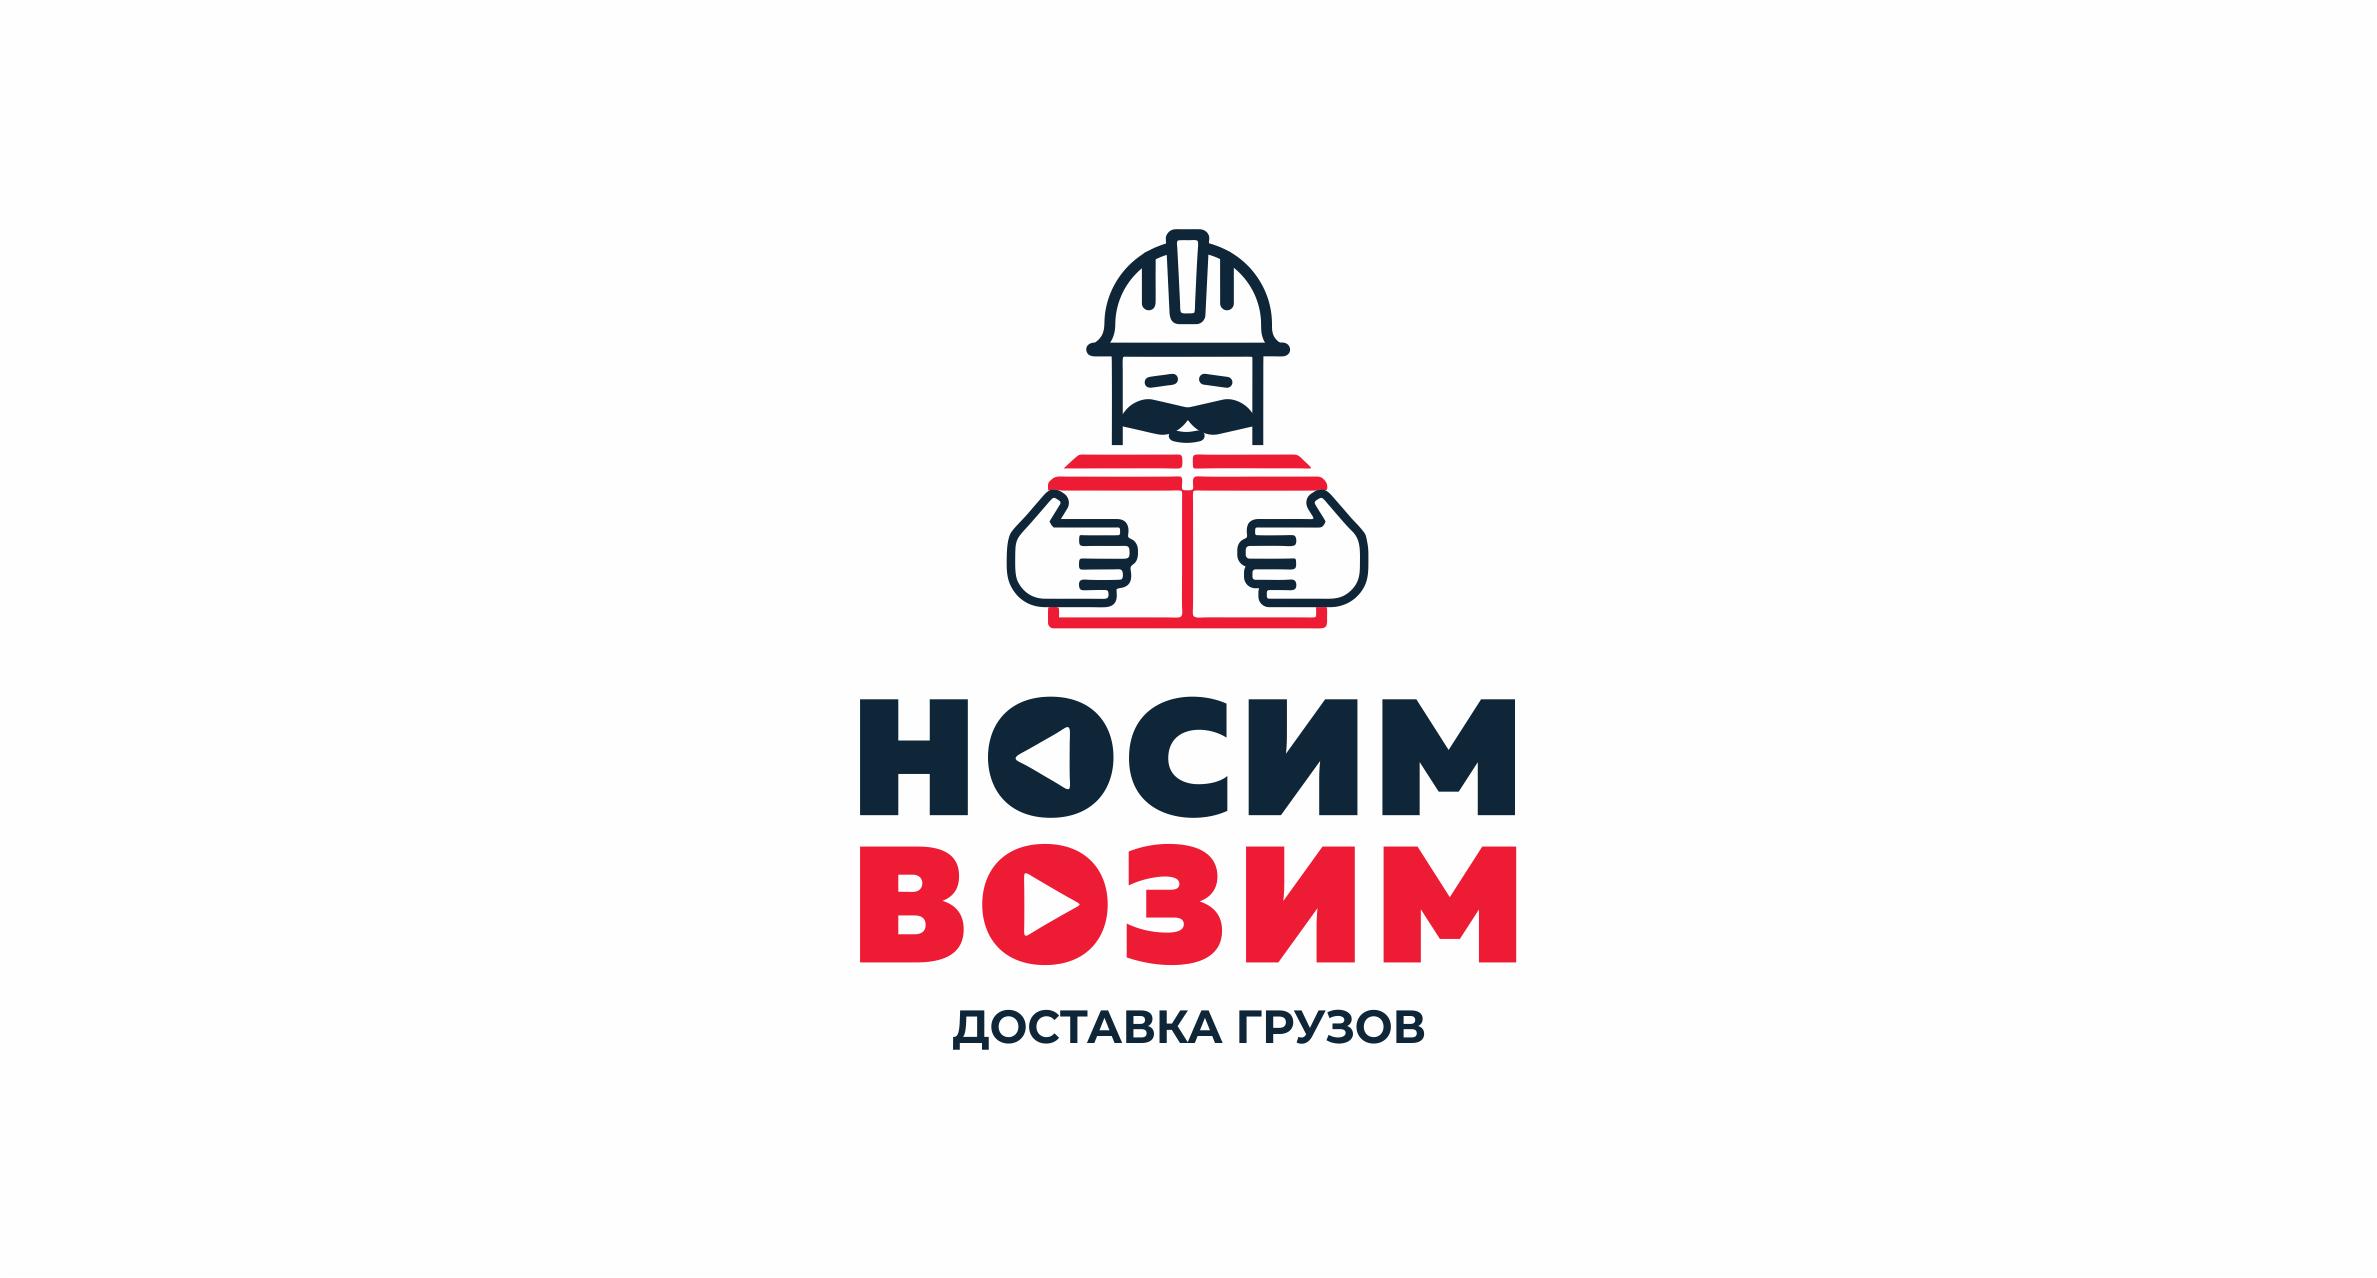 Логотип компании по перевозкам НосимВозим фото f_5995cf9030312e40.png